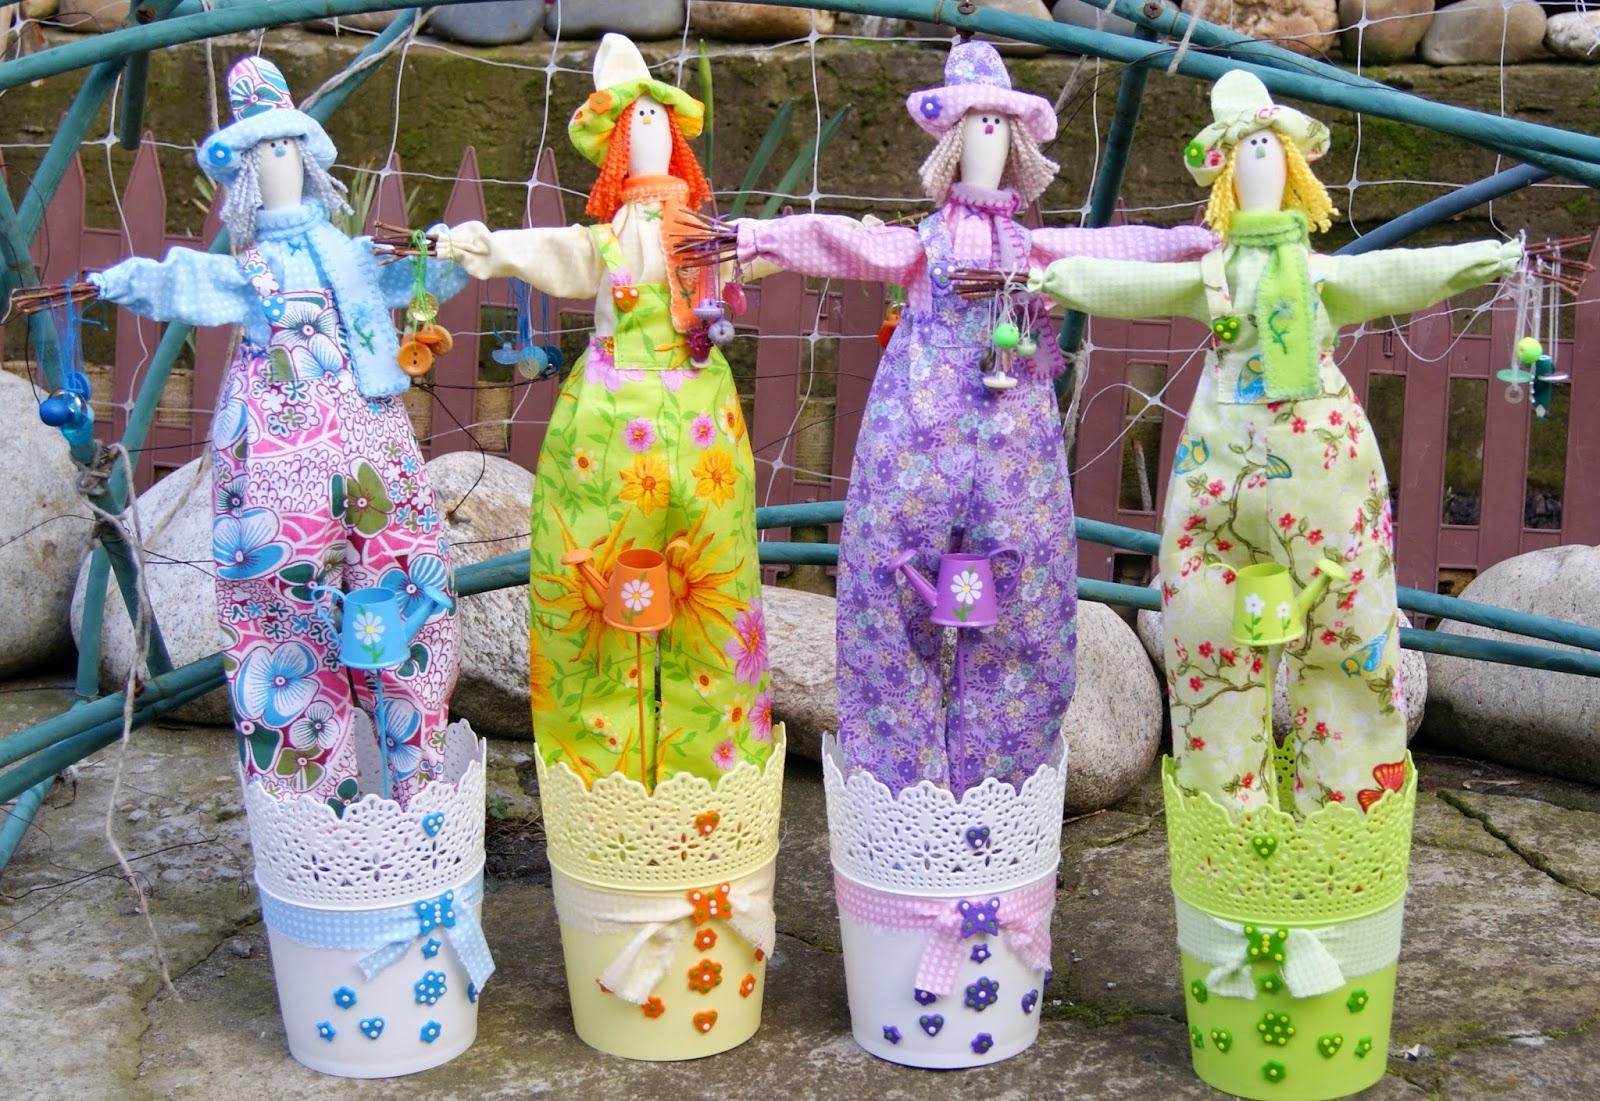 чучело, тильда, сад, текстильная кукла, тильдовская кукла, пугало огородное, пугало,